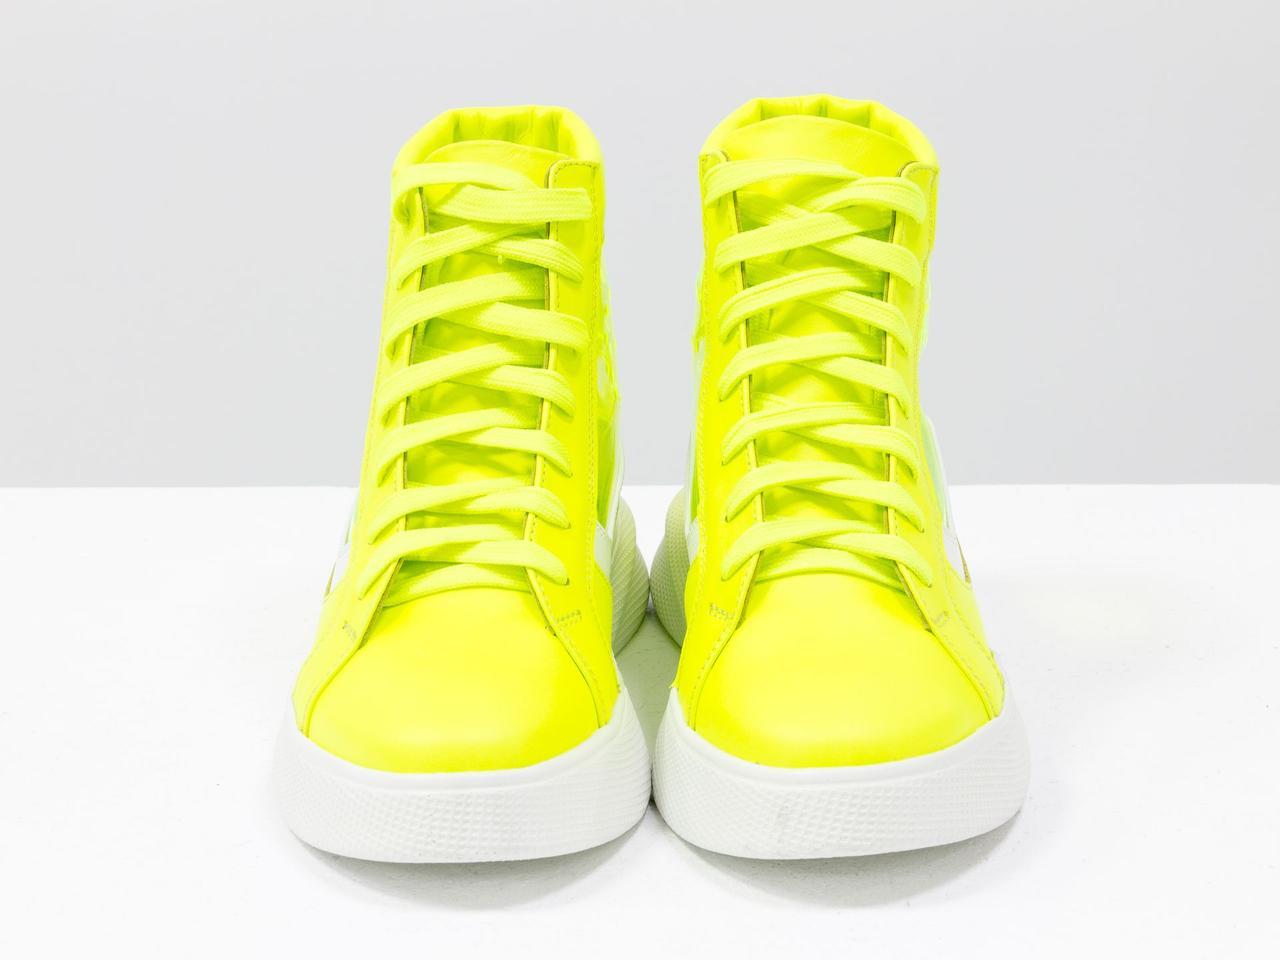 Дизайнерские прозрачные ботинки из натуральной неоновой кожи желтого и белого цвета - фото 2